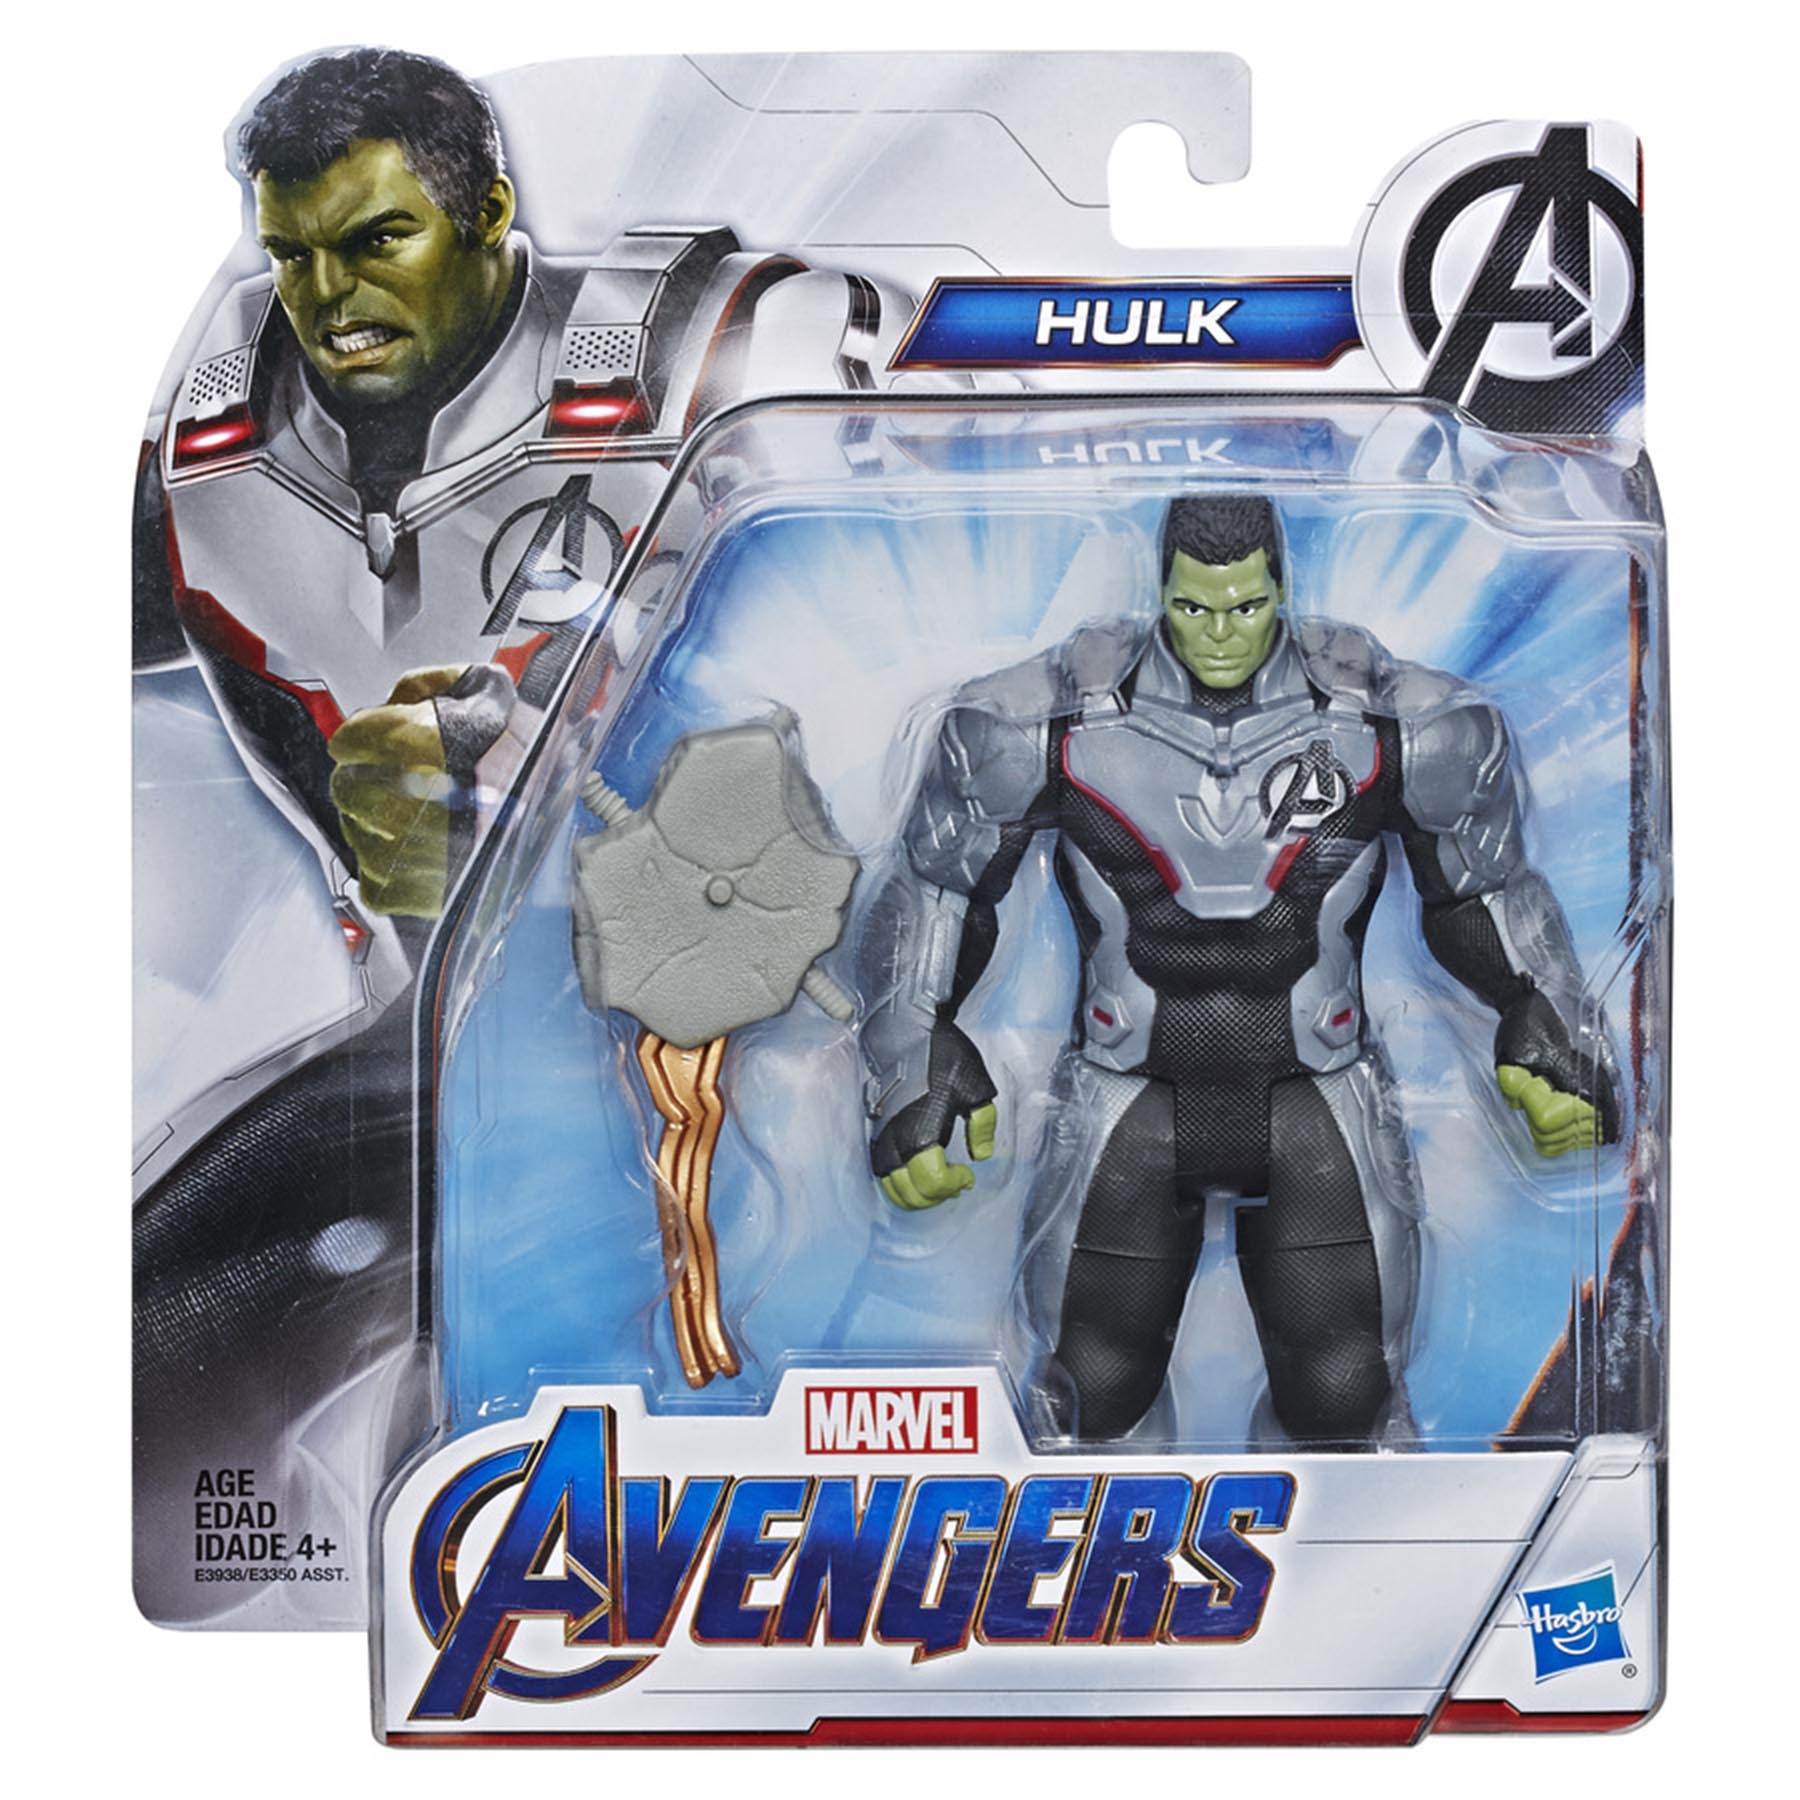 marvel-avengers-endgame-titan-hero-deluxe-hulk-6-inch-figure-in-pck.jpg